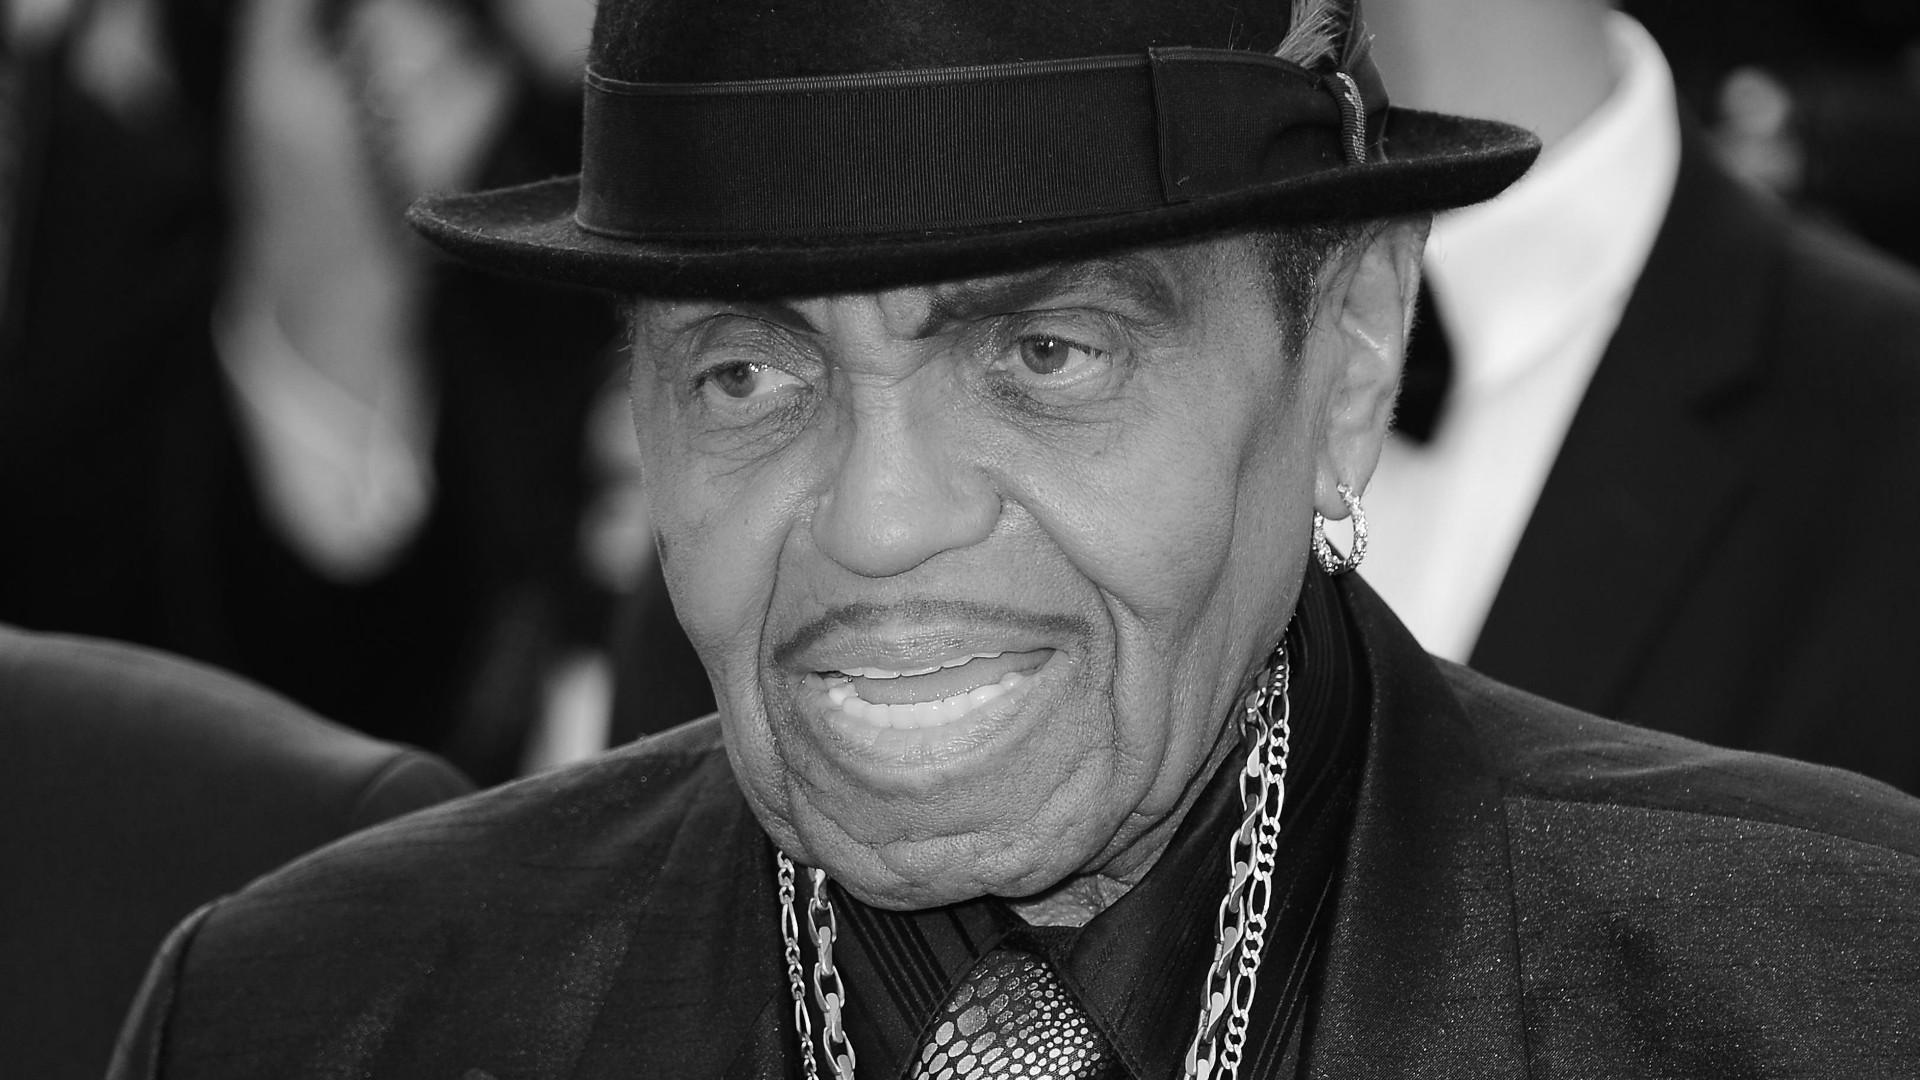 Nie żyje Joseph Jackson, ojciec Michaela Jacksona